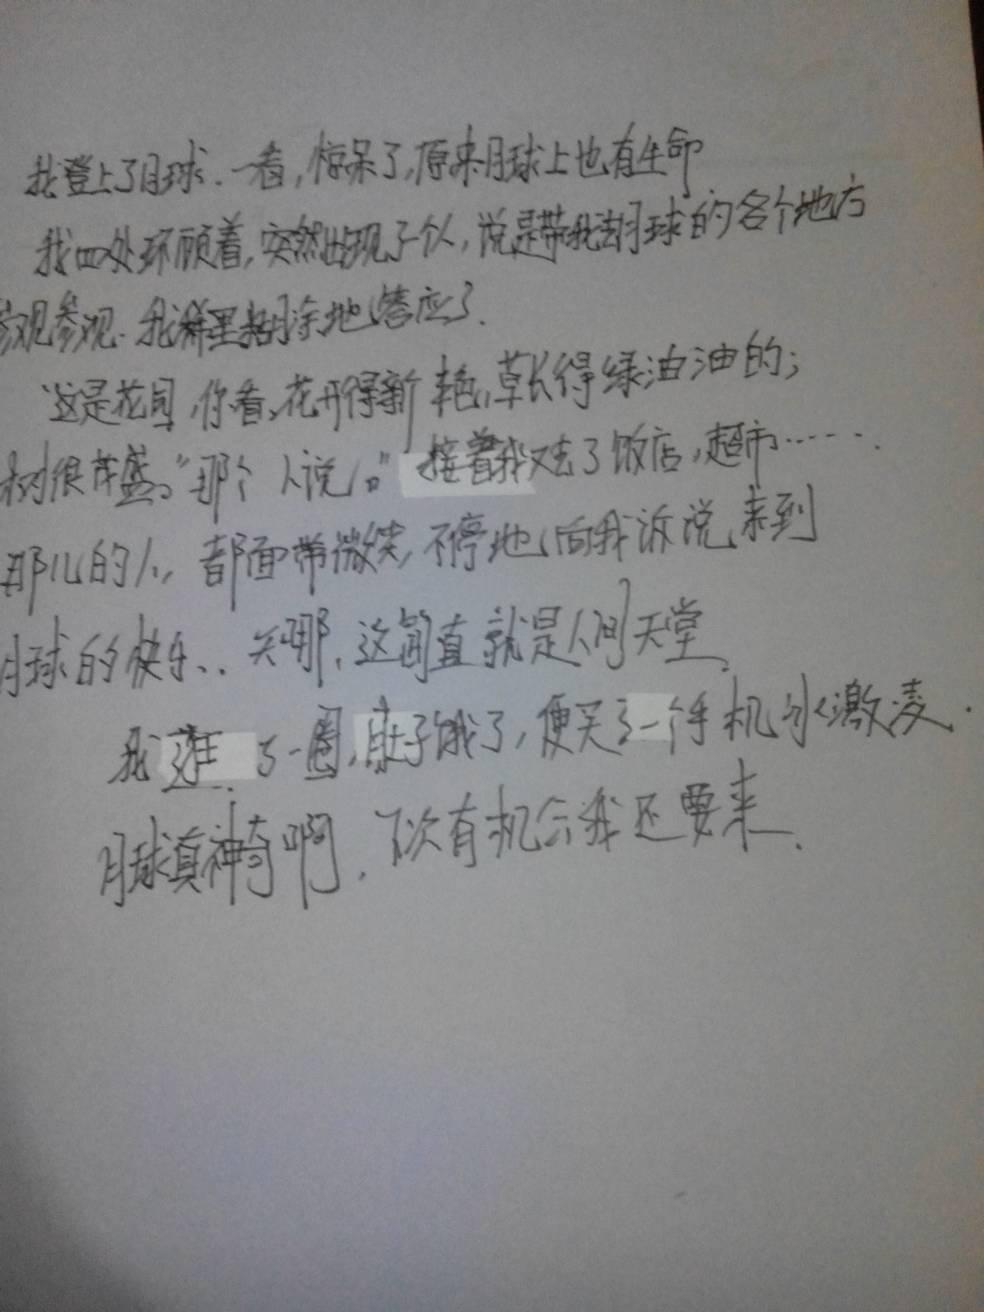 急急急!写最近按照的新闻,初中生新闻的.要发生体裁的水平写.中学第北京初中部五图片